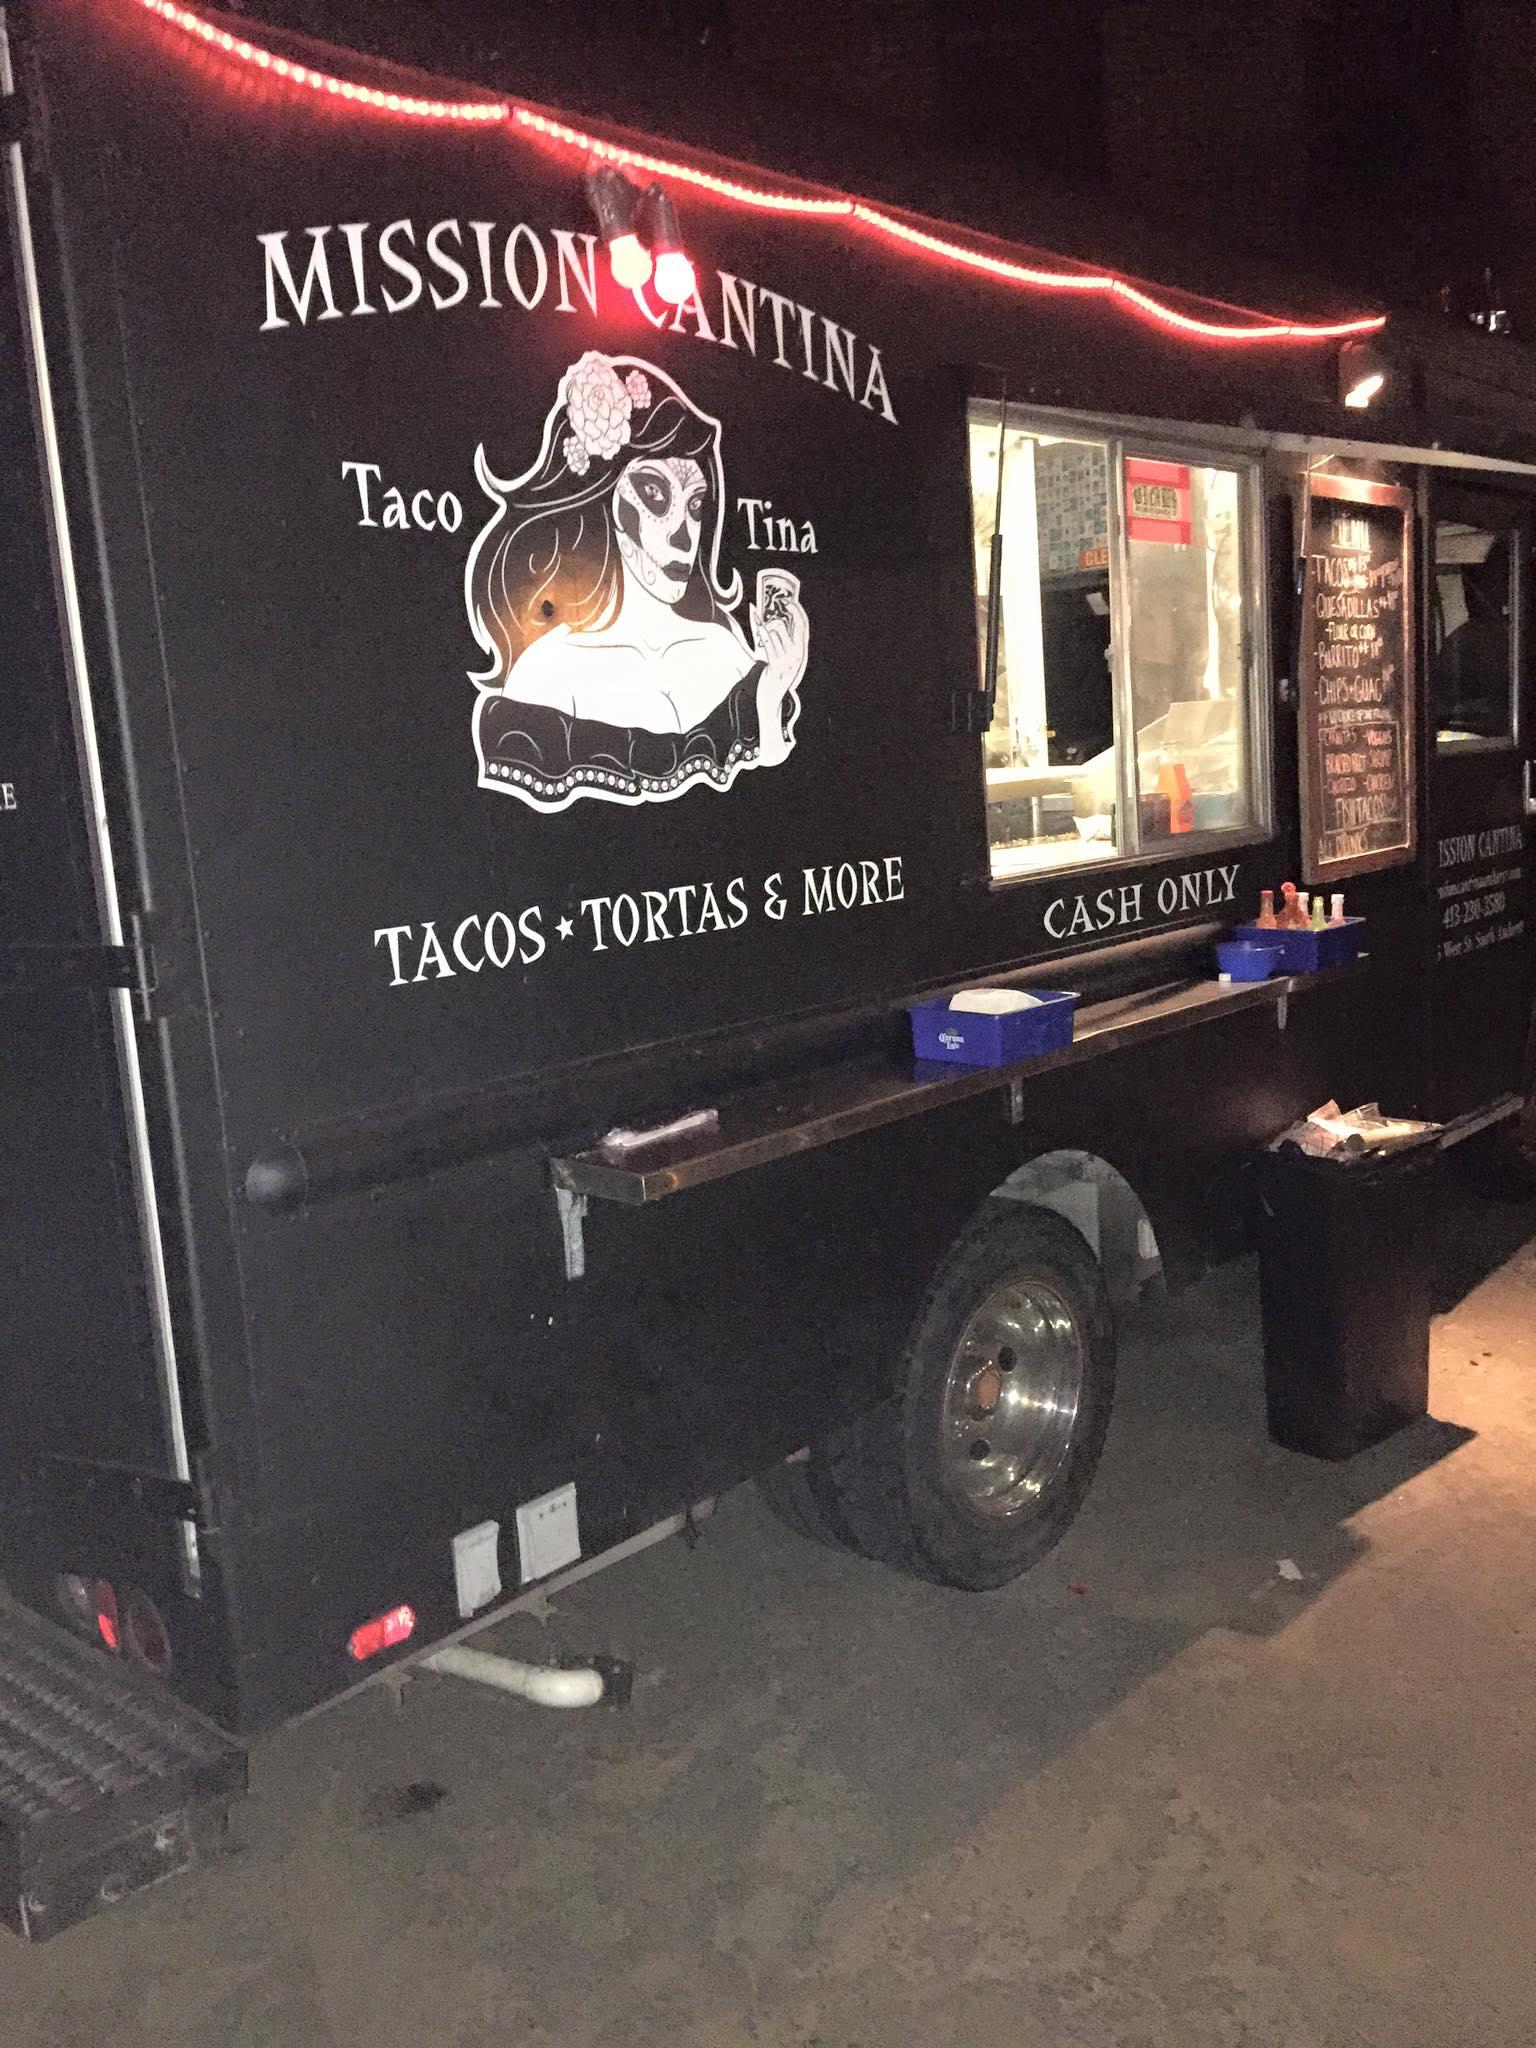 Nighttime Taco Tina Catering